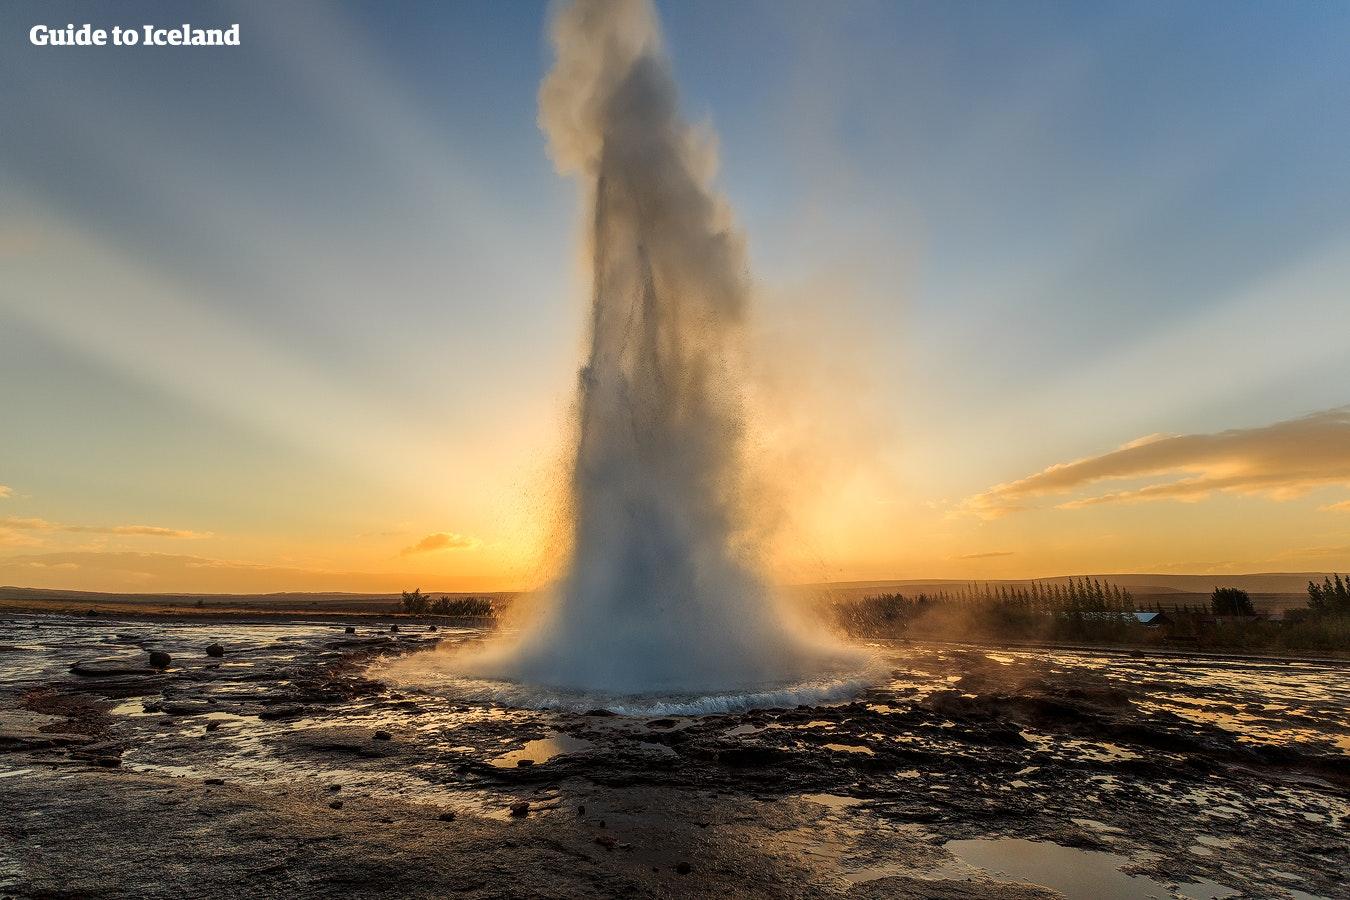 골든써클은 아이슬란드에서 가장 유명한 관광지입니다.